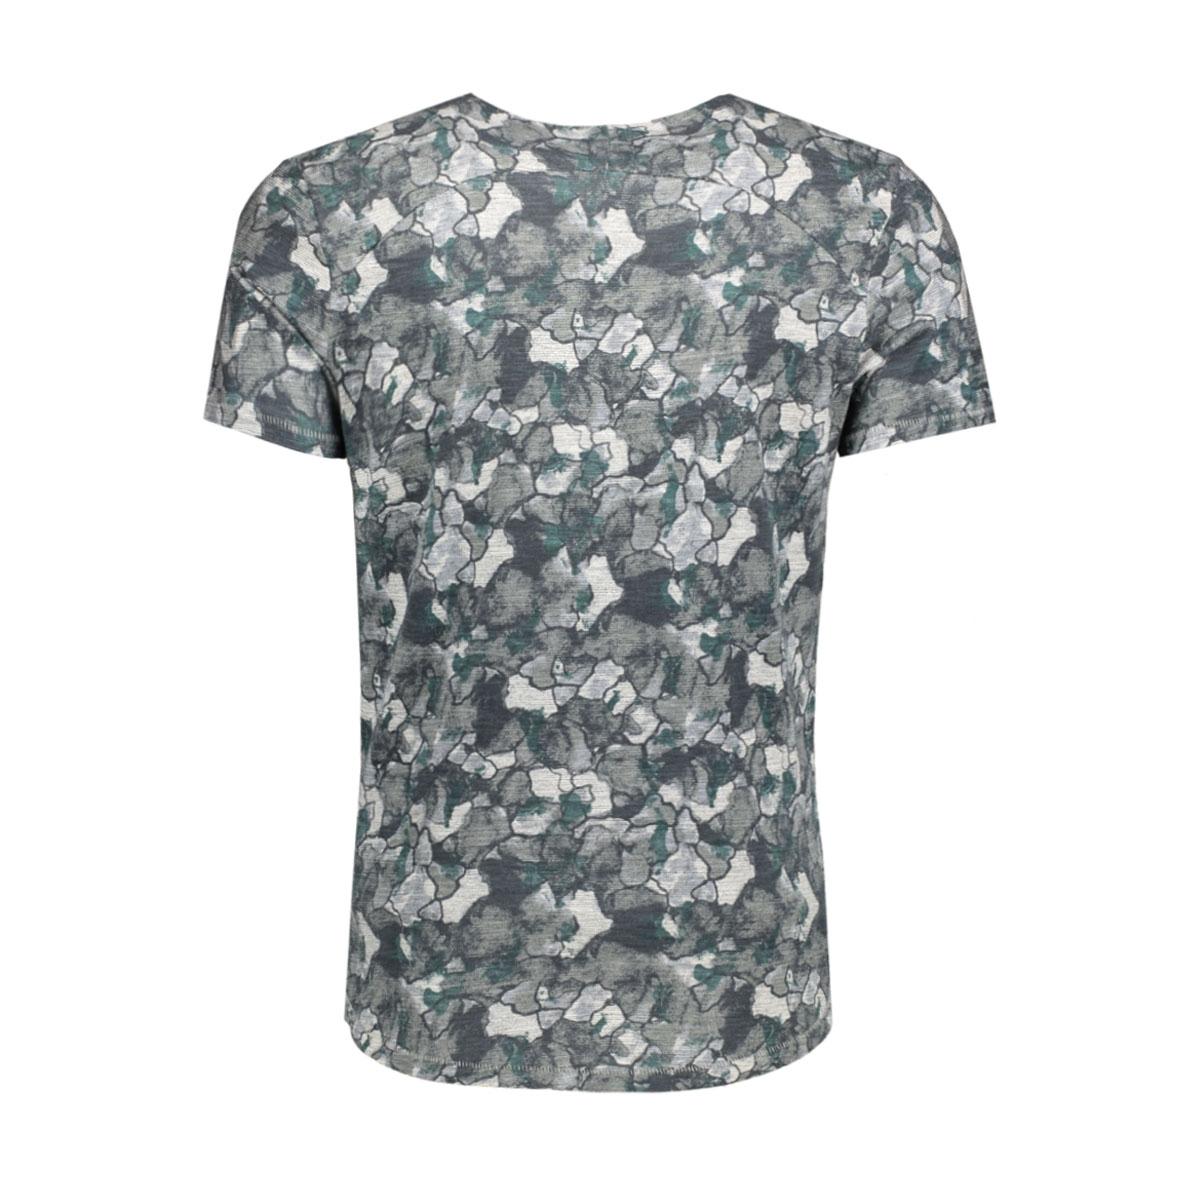 h71210 garcia t-shirt 66 grey melee